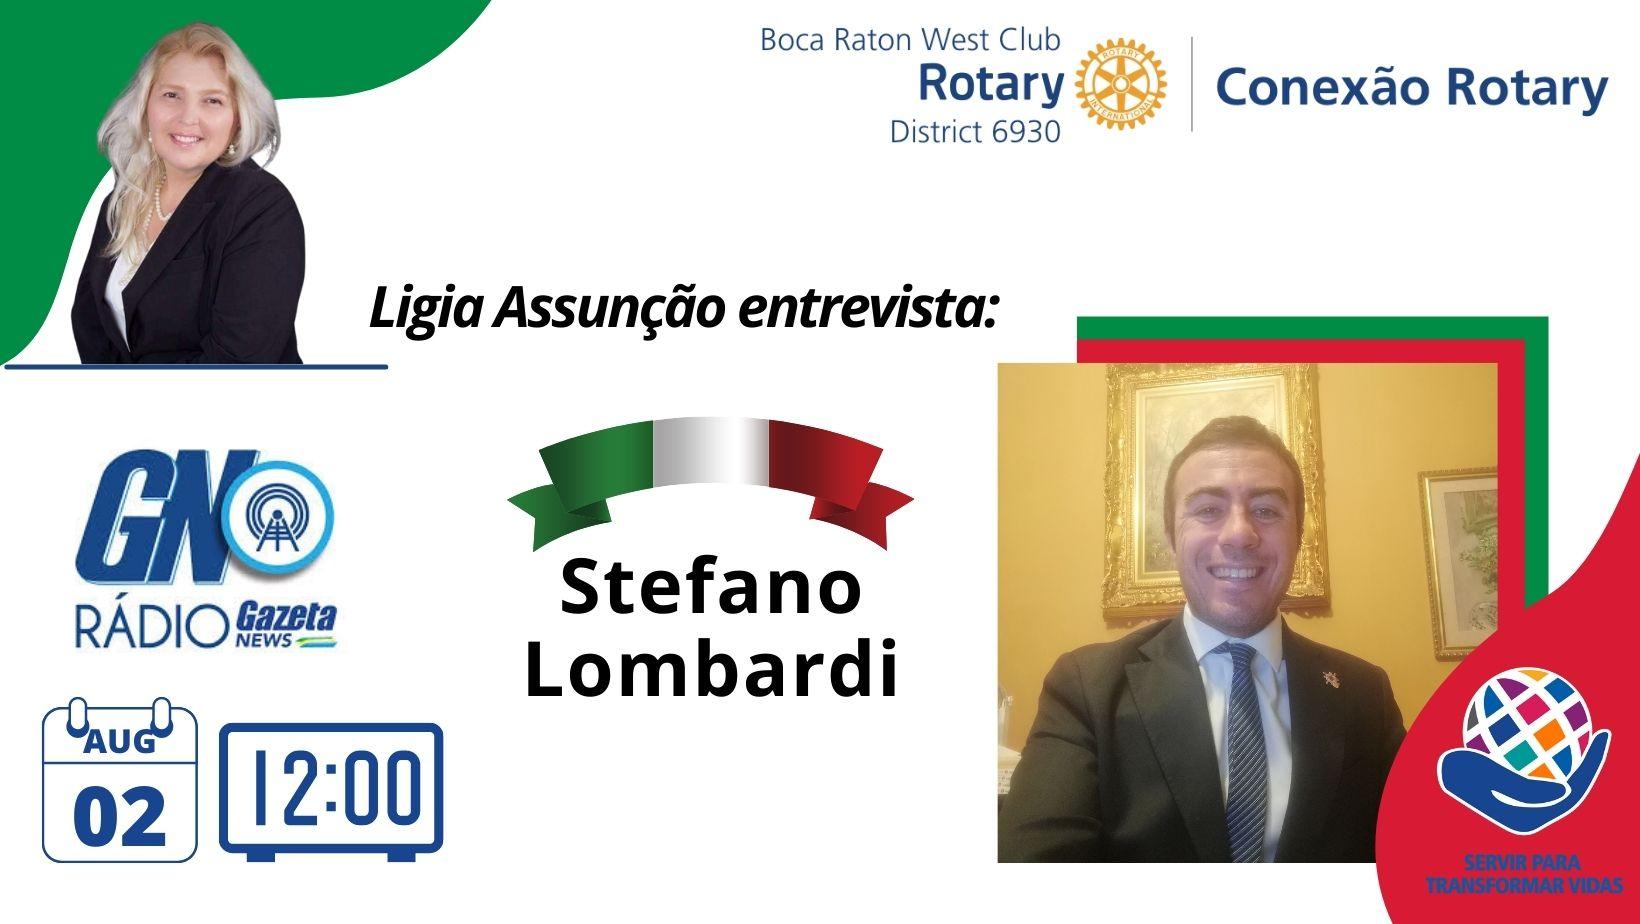 _08-02-21 Conexão Rotary